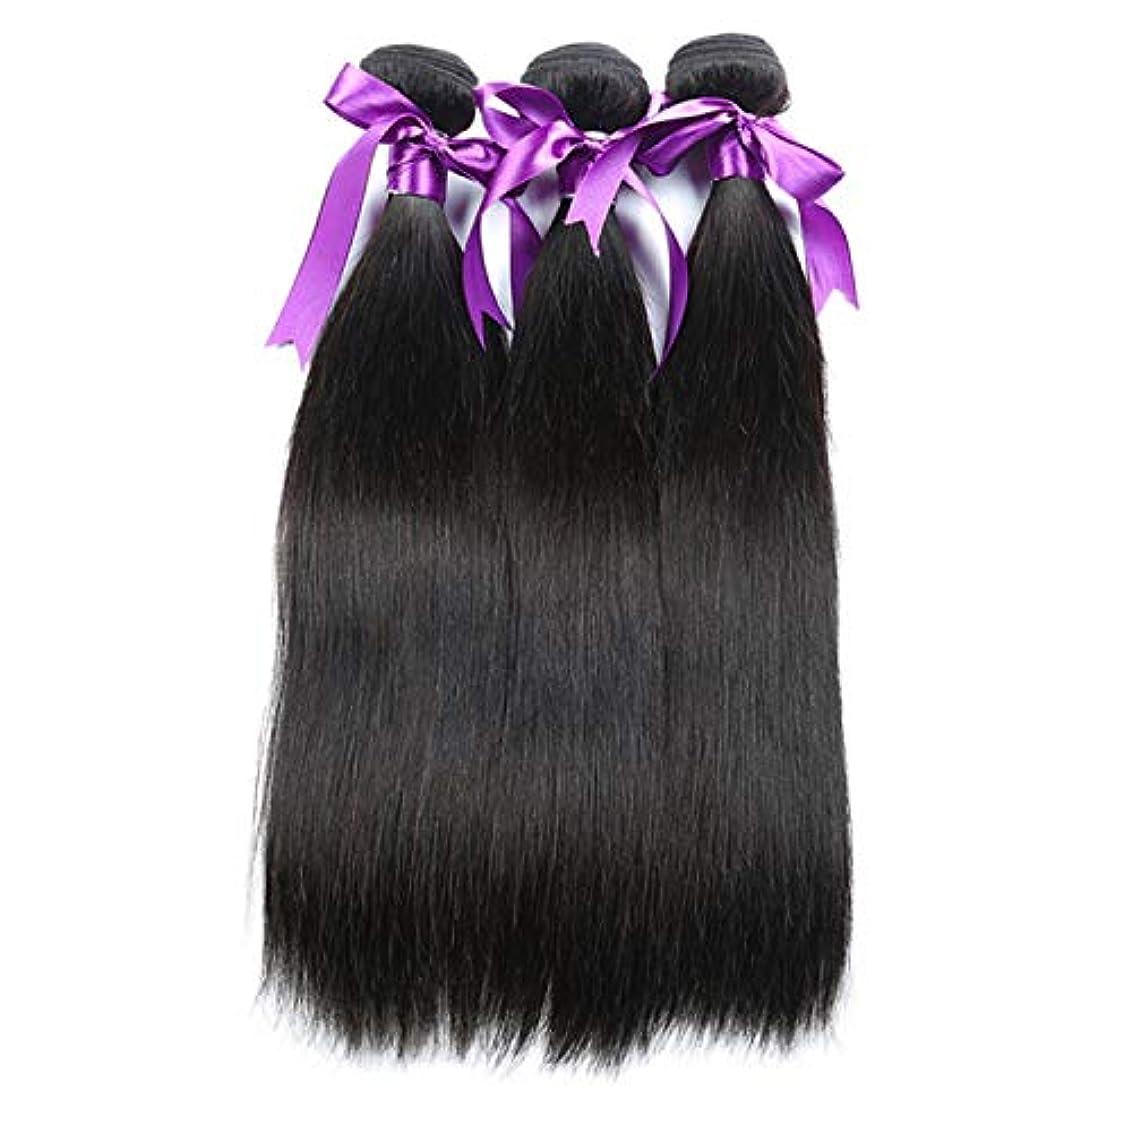 広告主耐えられない目覚めるかつら 髪マレーシアストレートヘア3個人間の髪の束非レミーの毛延長8-28インチボディヘアウィッグ (Length : 12 14 16)